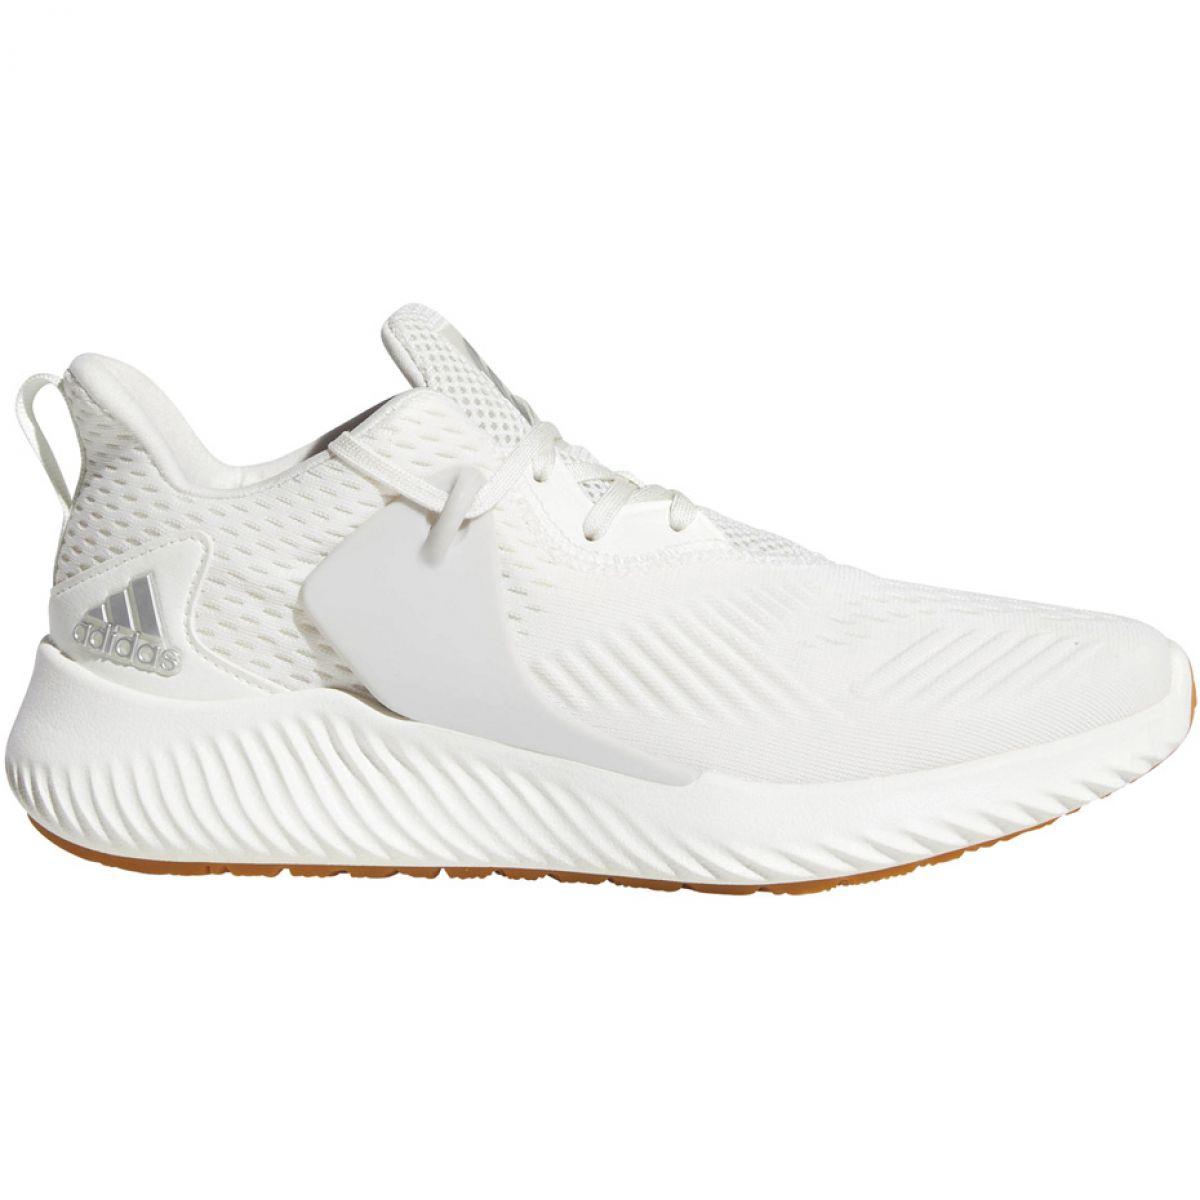 Buty biegowe adidas Alphabounce rc 2 W BD7190 białe